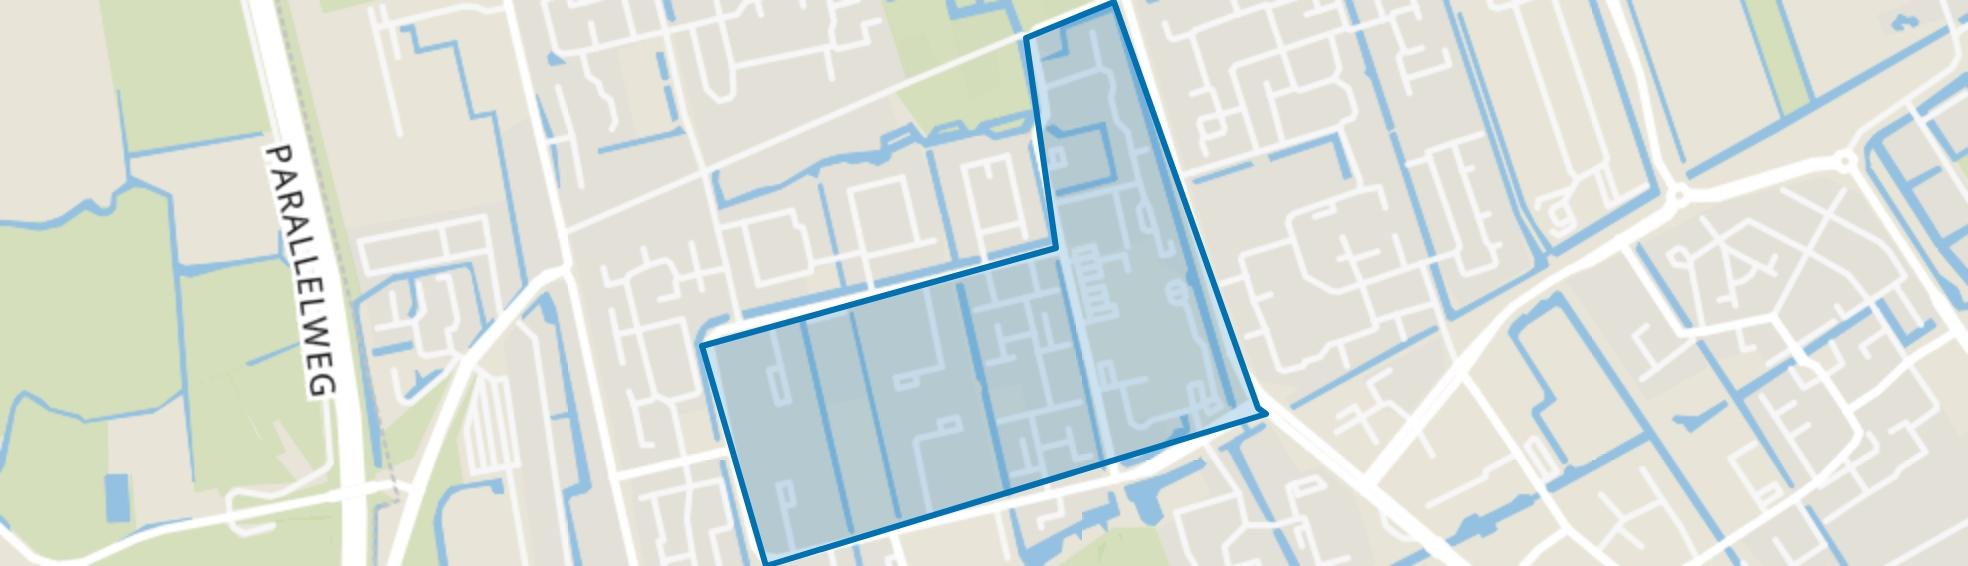 Risdam-Zuid - Buurt 20 07, Hoorn (NH) map